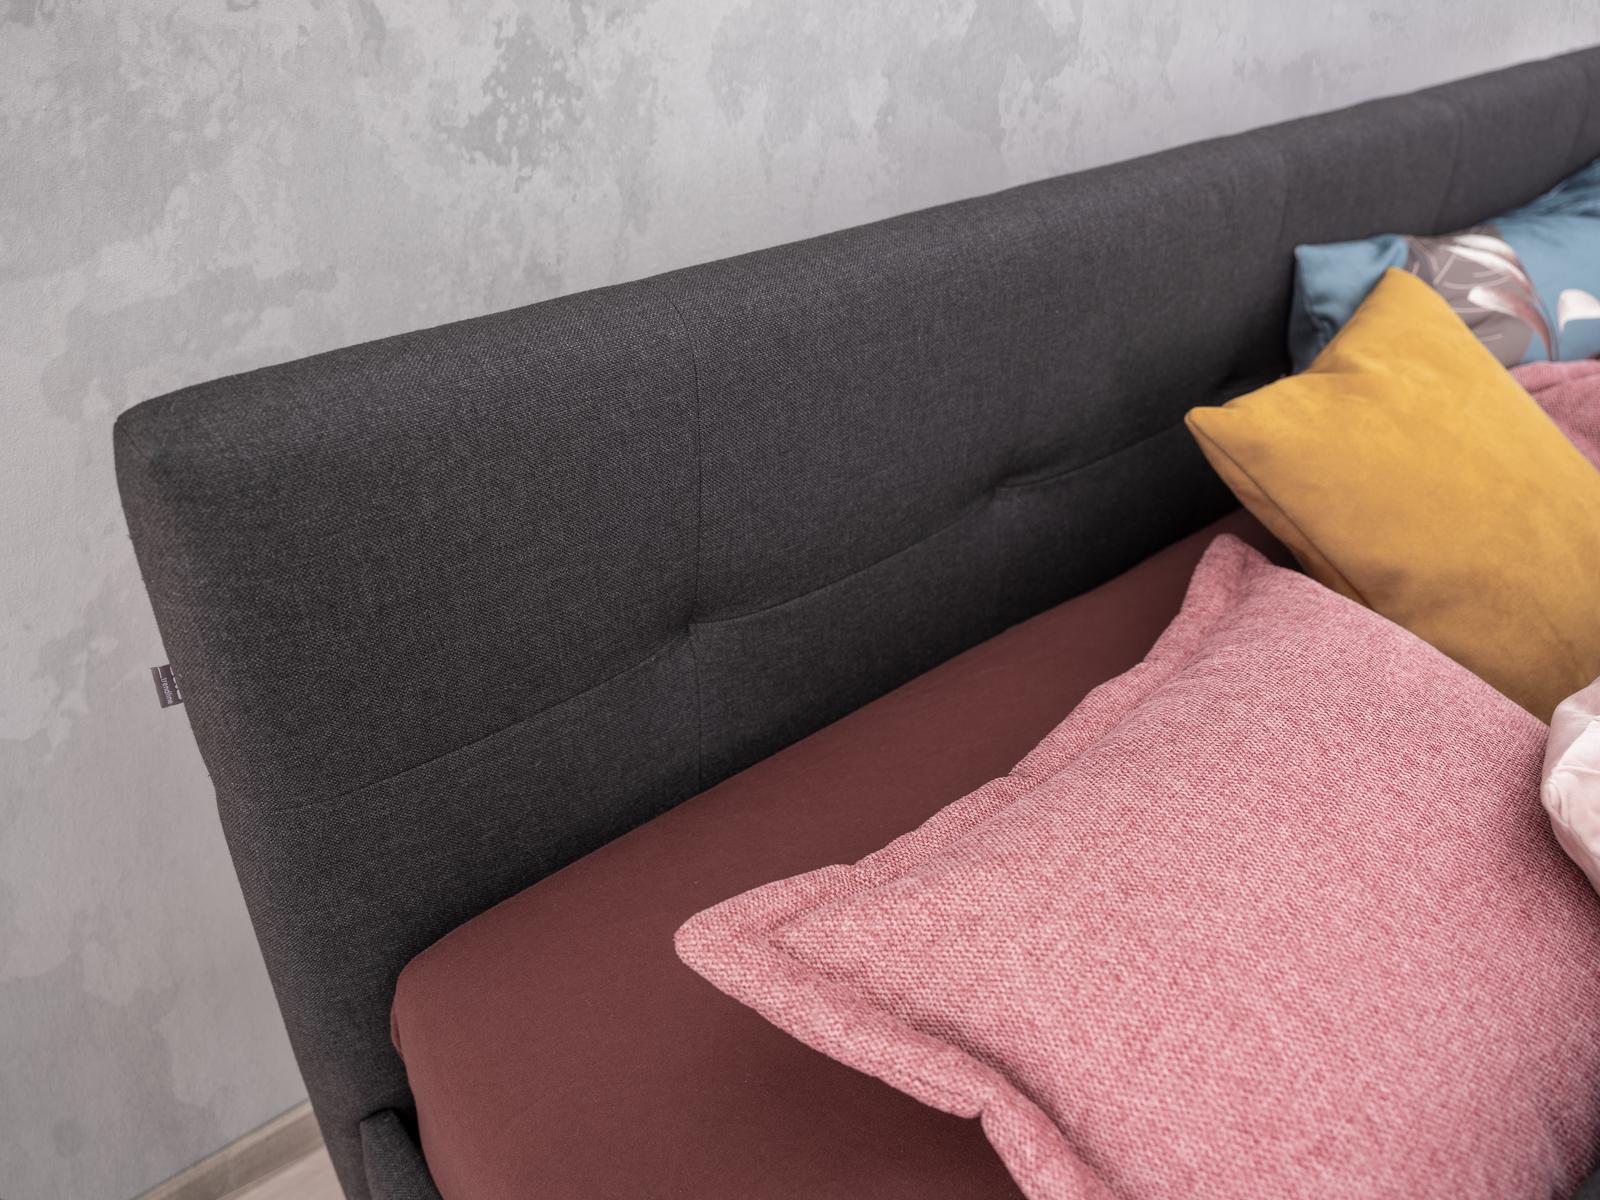 Doppelbett Falco in grauem Stoff bezogen , bestehend aus einem Bettkasten und Kopfhaupt auf Holzfüßen, 180x200cm Partnermatratze auf 2 Lattenrosten und einer separaten Nachtkästchen